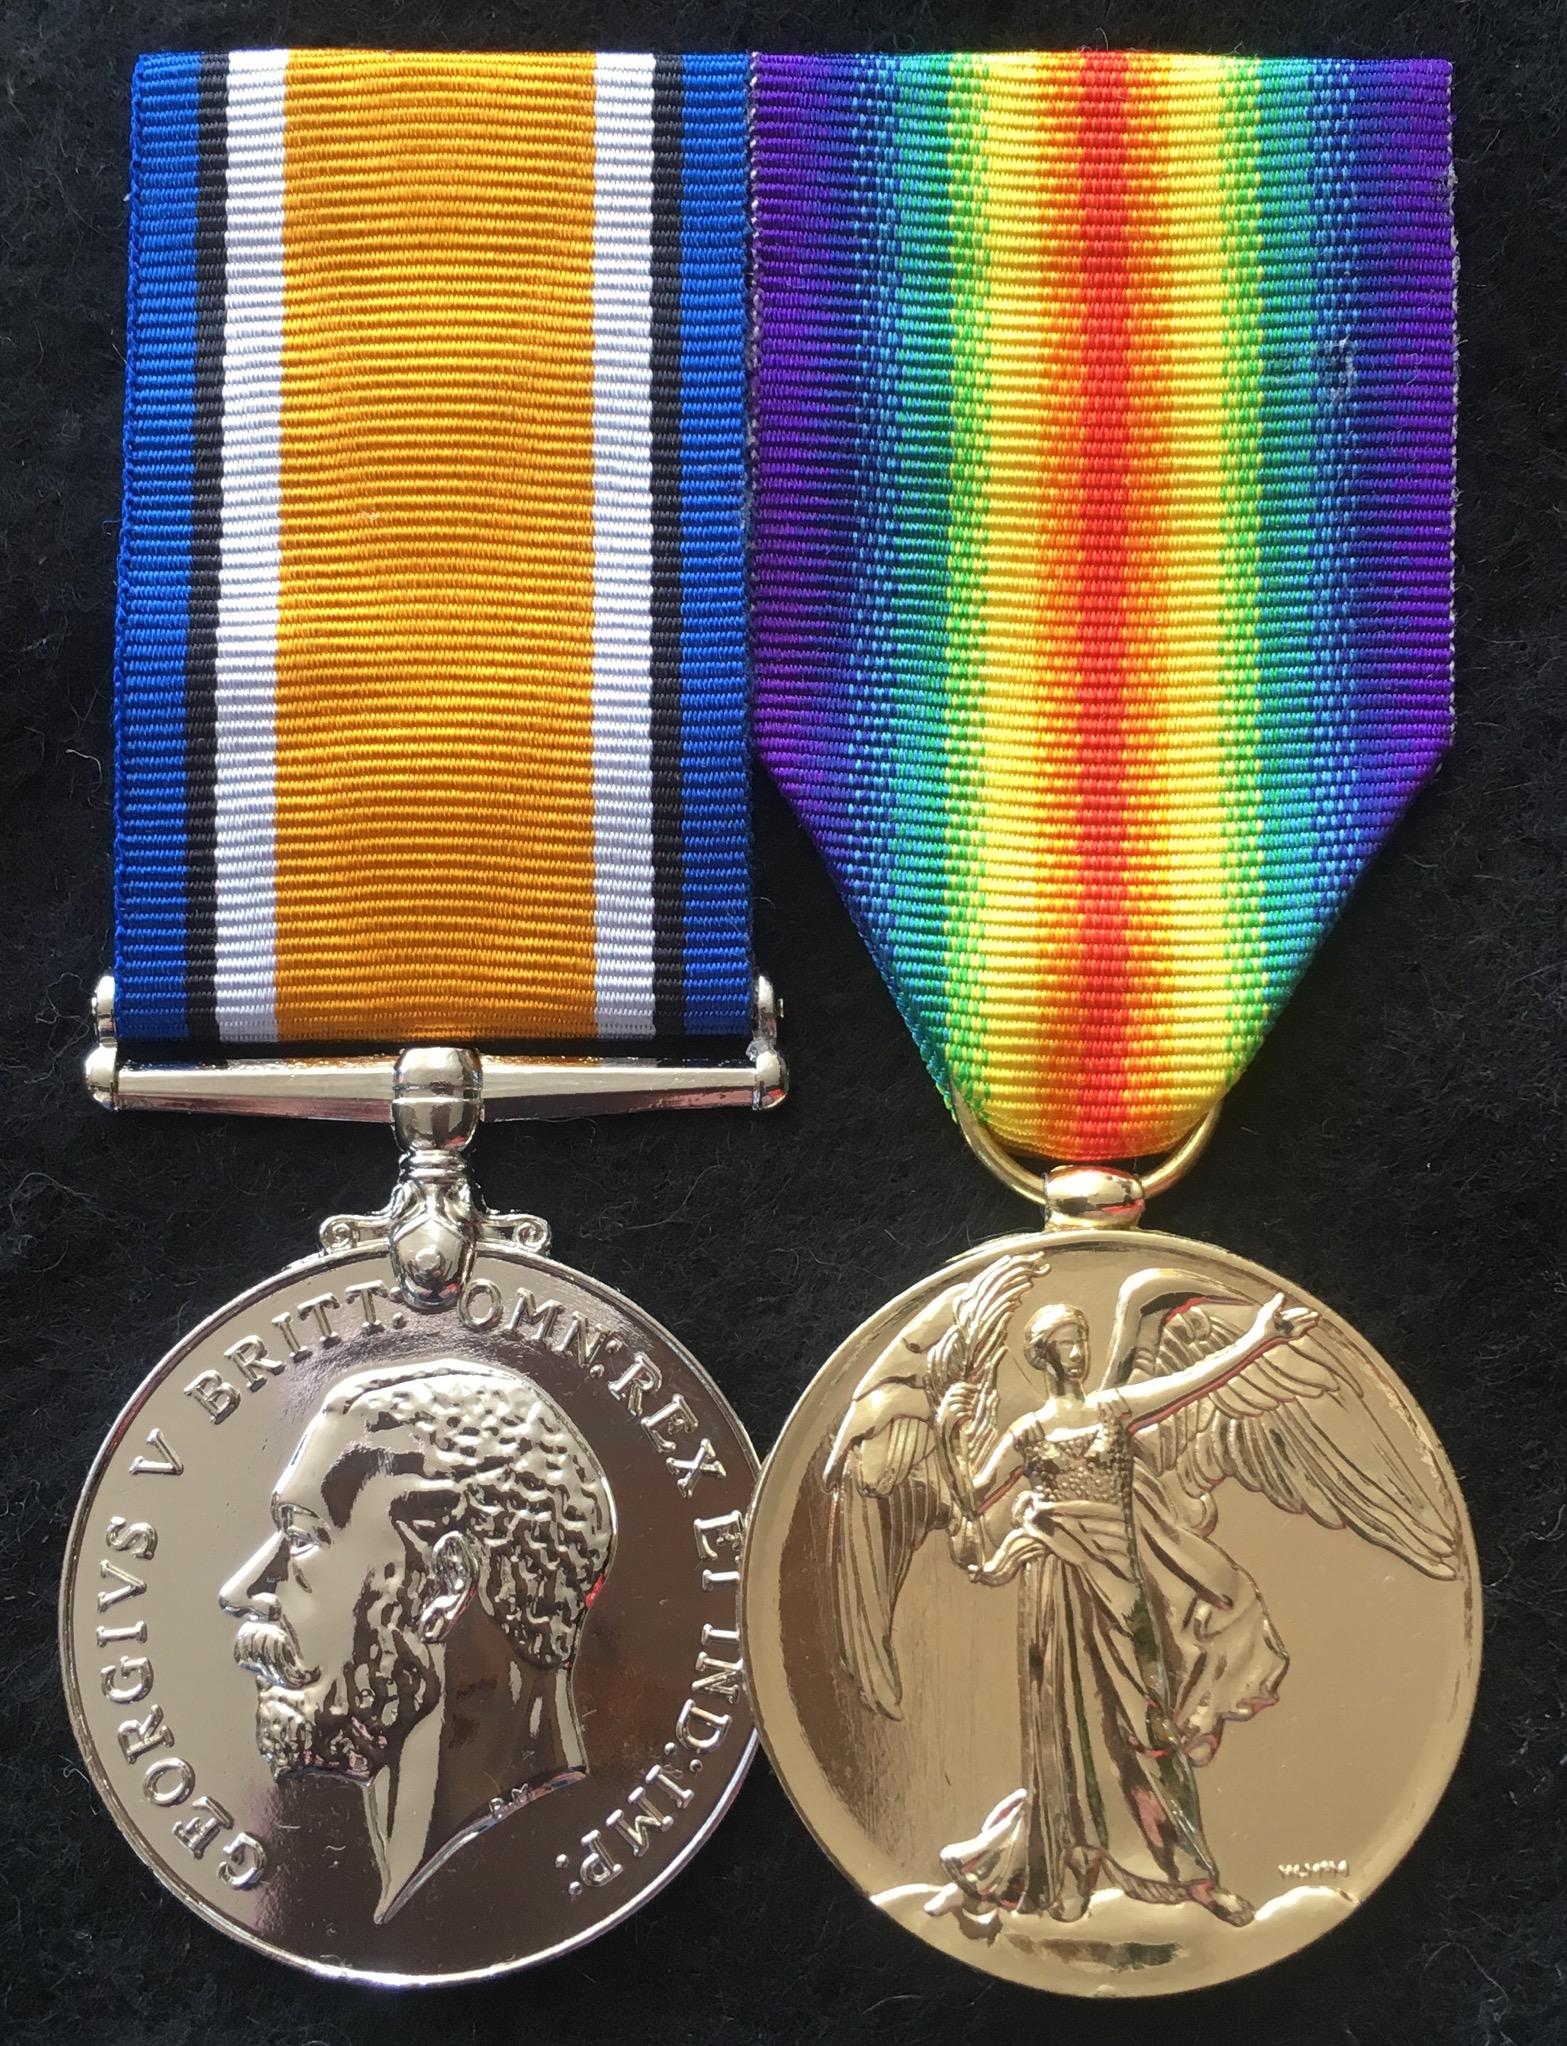 TANYA: Replica medals nz